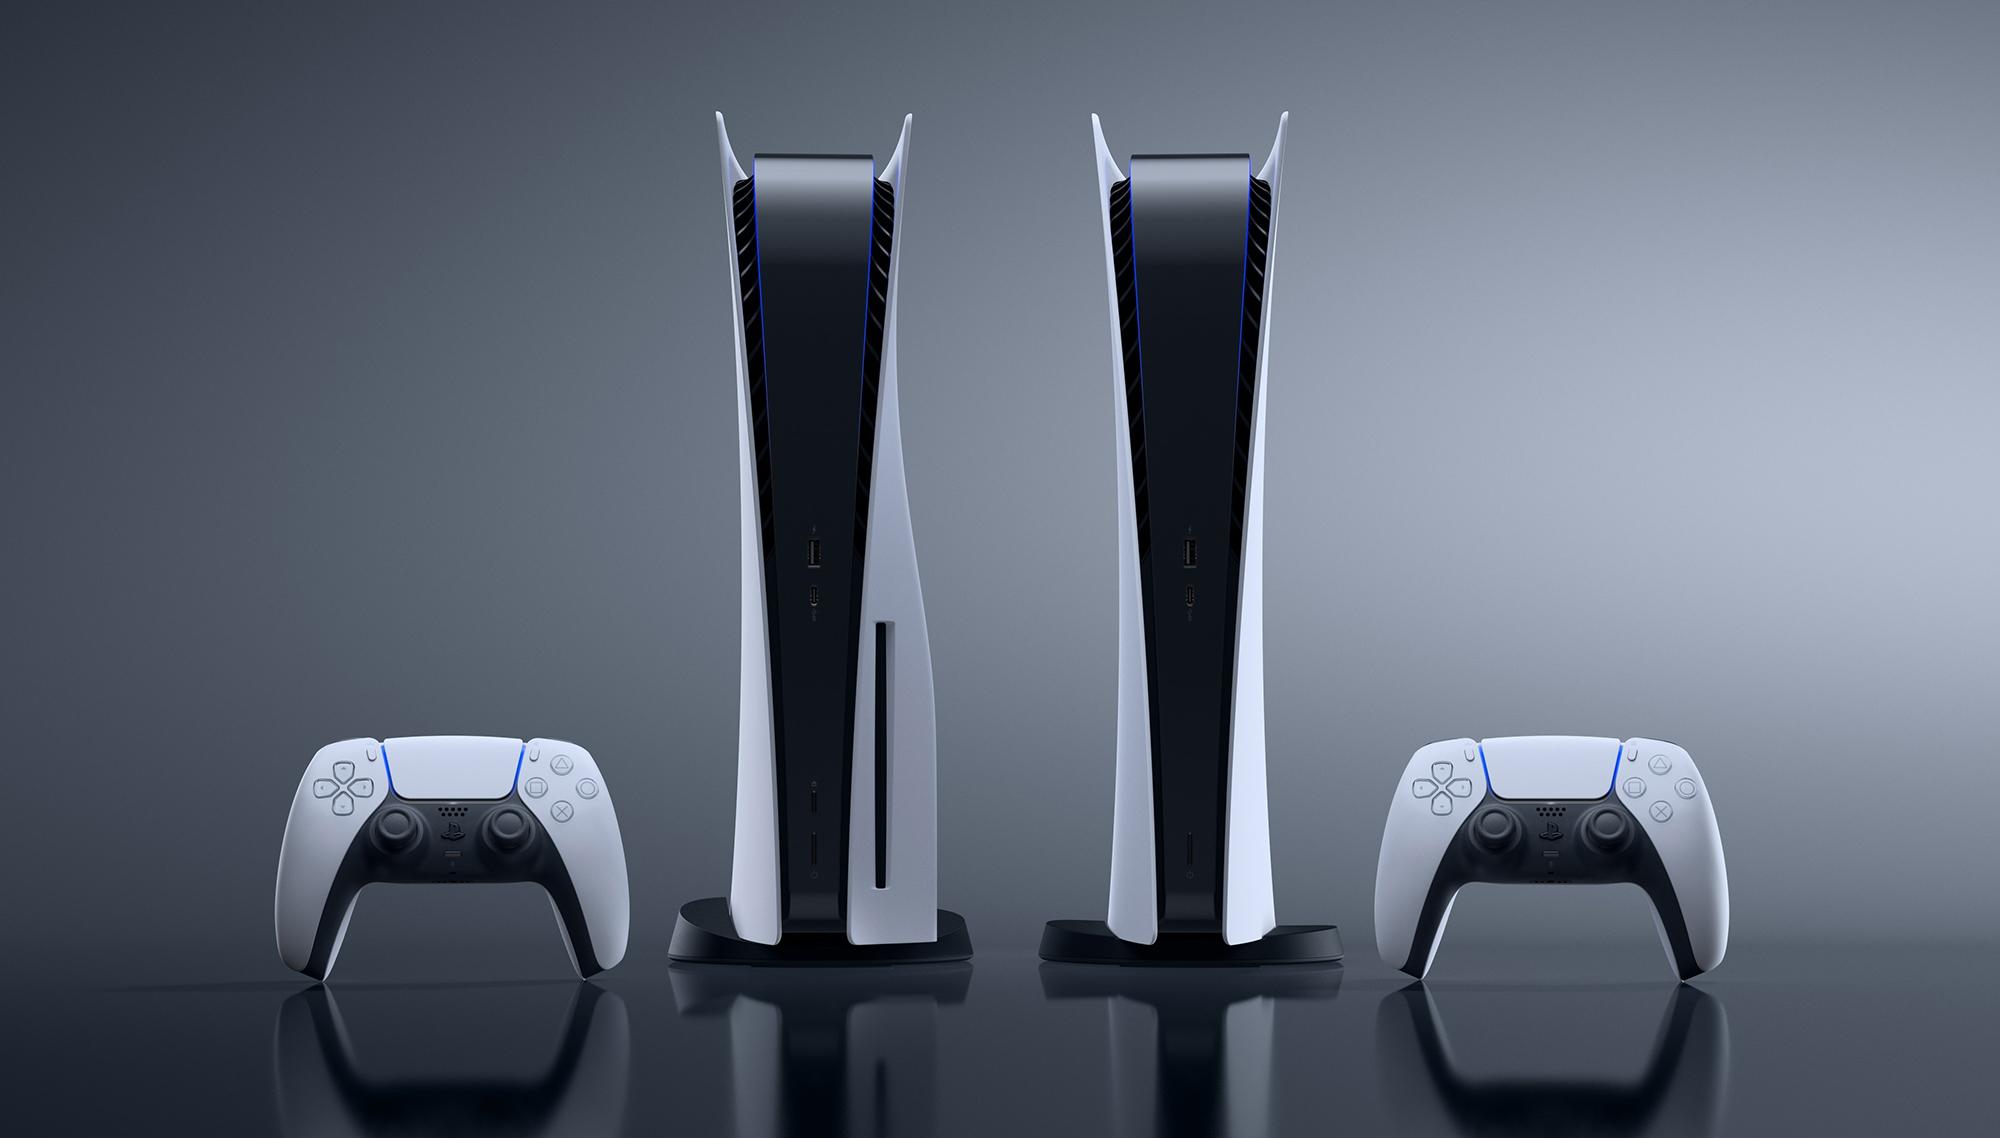 El casco de realidad virtual para PS5 tendrá paneles OLED HDR y un campo de  visión más amplio | VR | TECNOLOGIA | EL COMERCIO PERÚ